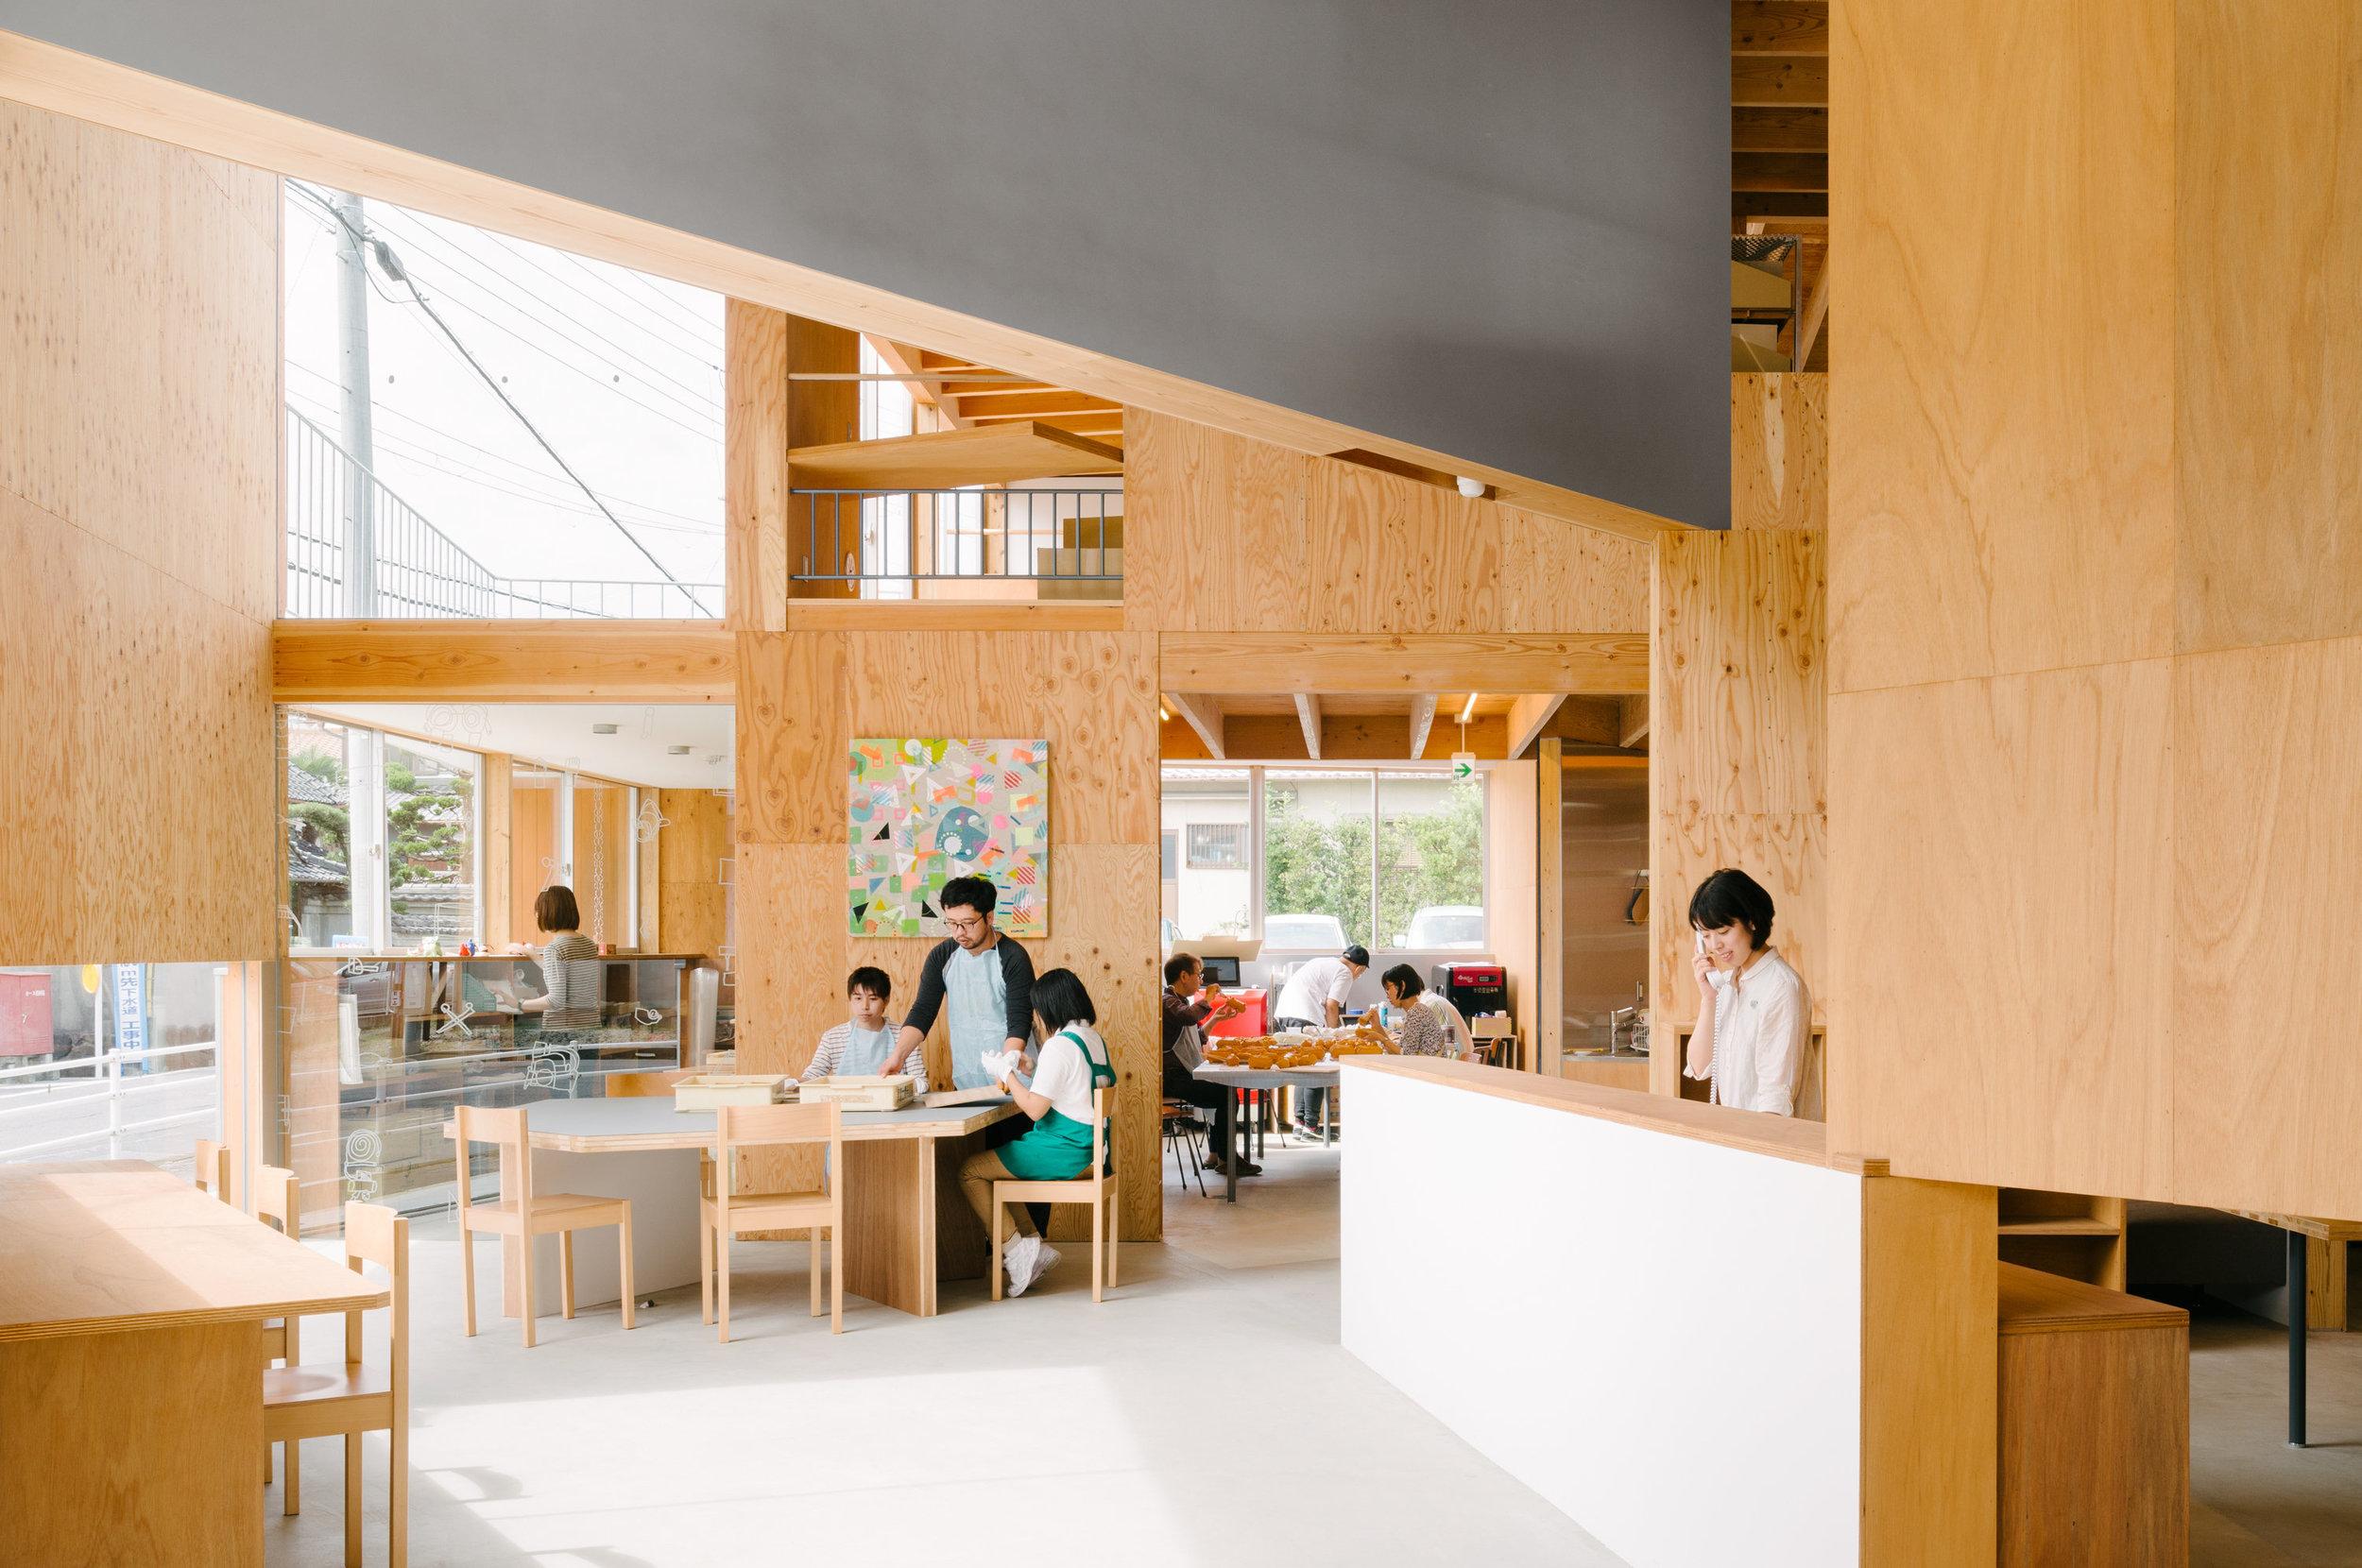 2018年度JIA新人賞受賞 - Good Job! Center KASHIBA/STUDIOで、JIA新人賞を受賞しました。http://www.jia.or.jp/news/detail.html?id=1039